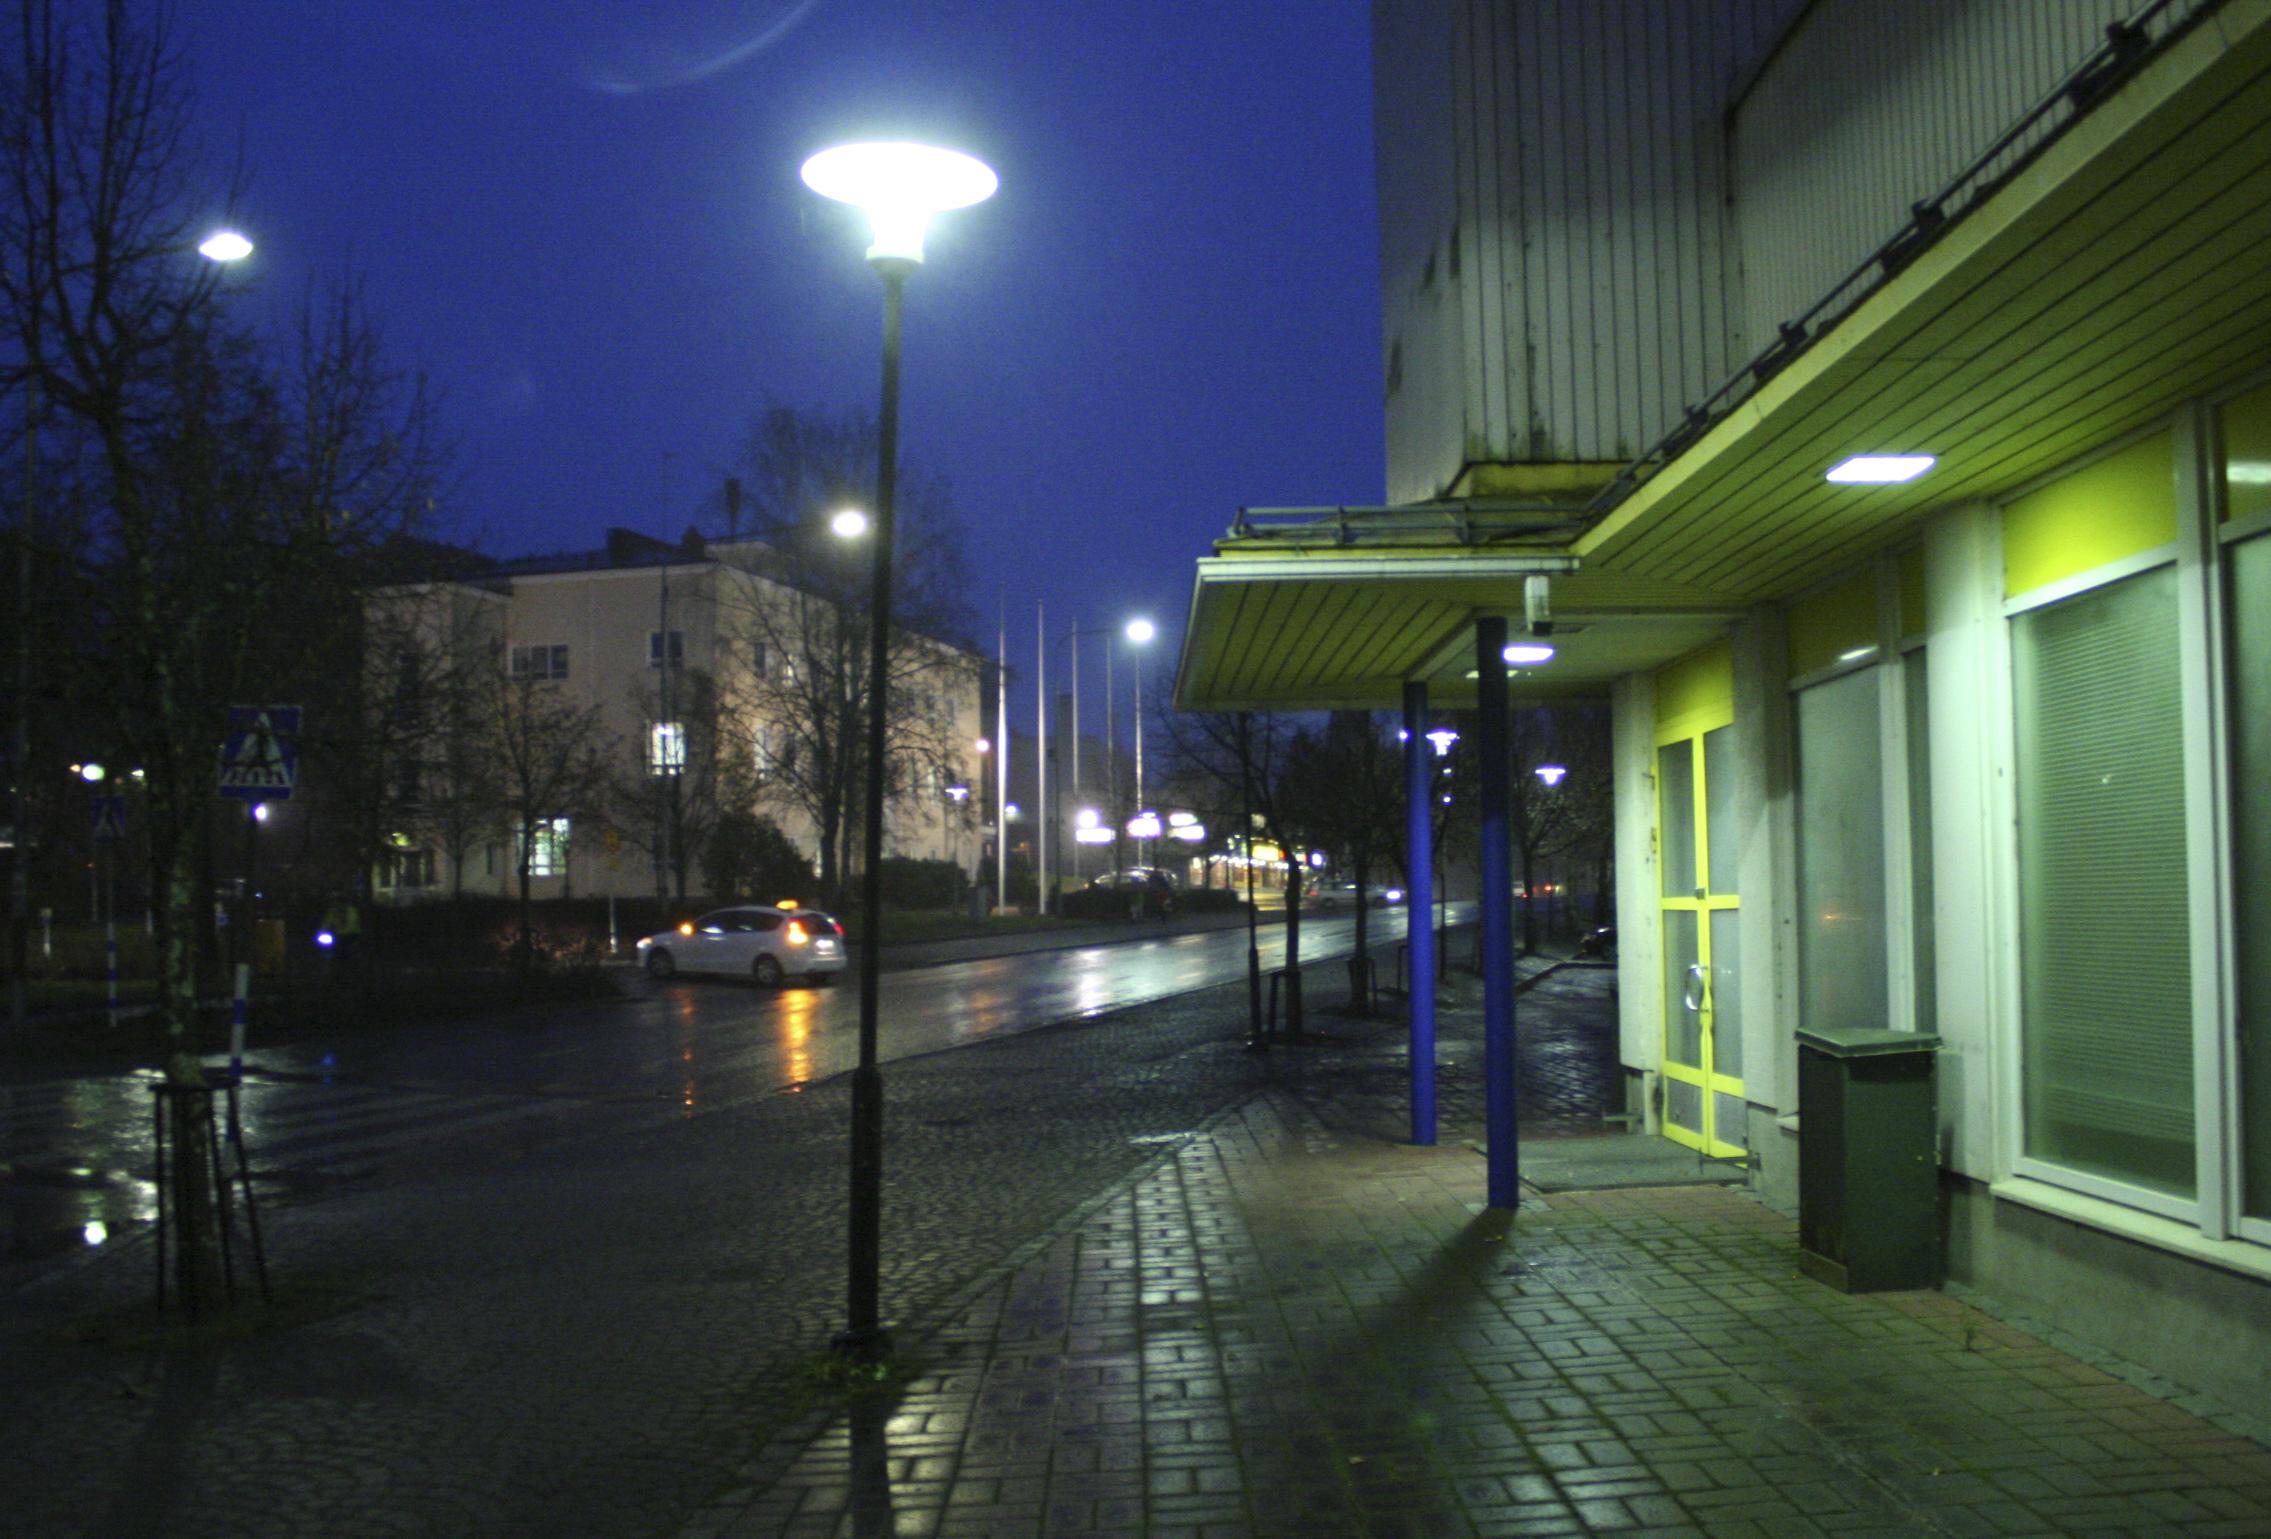 Kulttuuritalon nimeksi tuli Kangasala-talo - Sydän-Hämeen Lehti